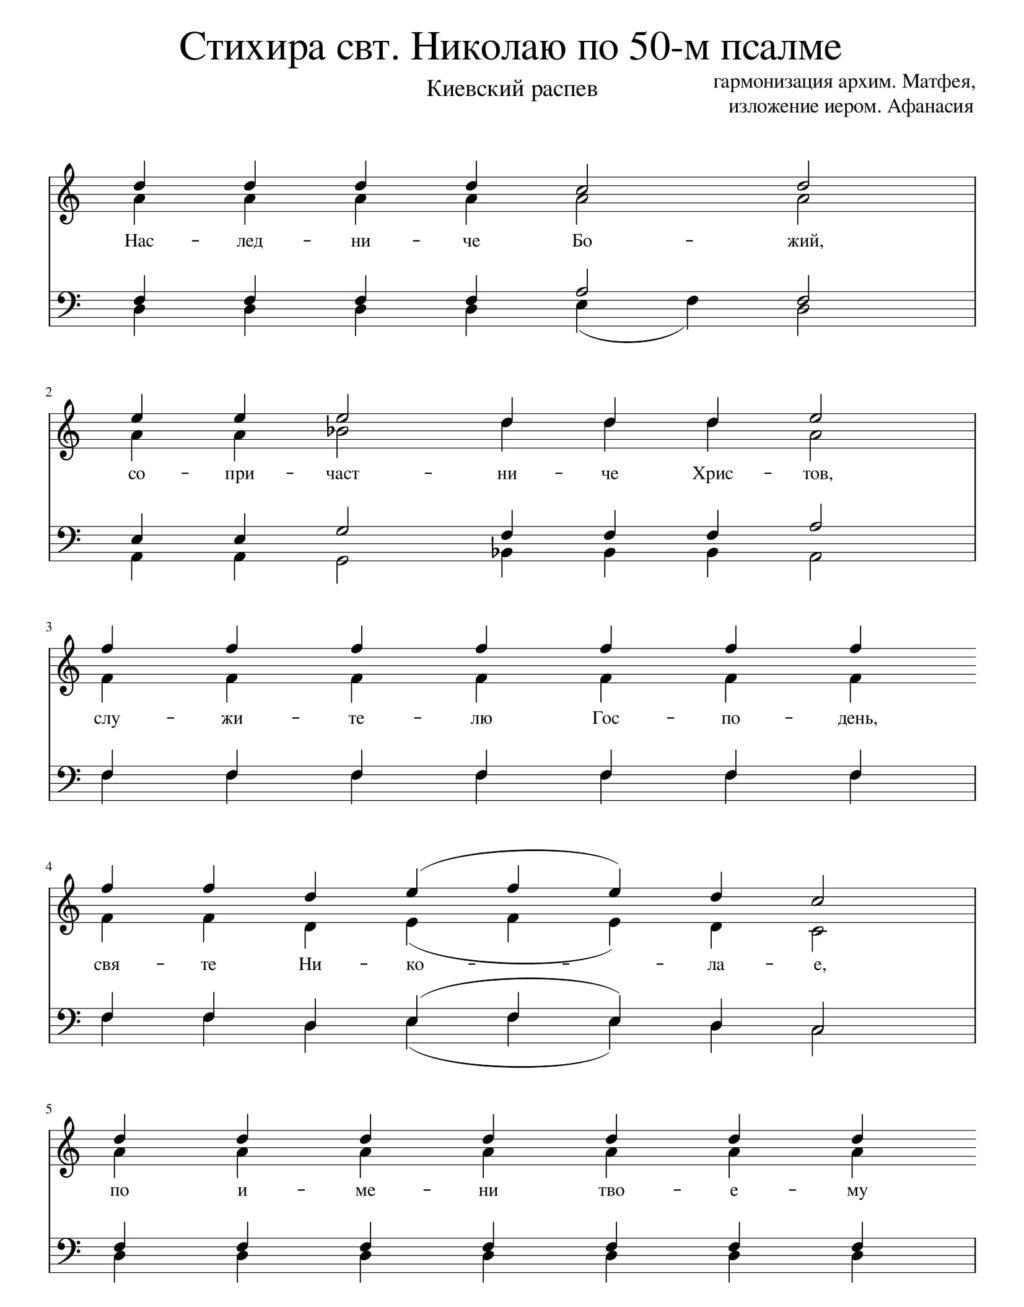 Стихира свт. Николаю по 50-м псалме. 6 глас киевский распев